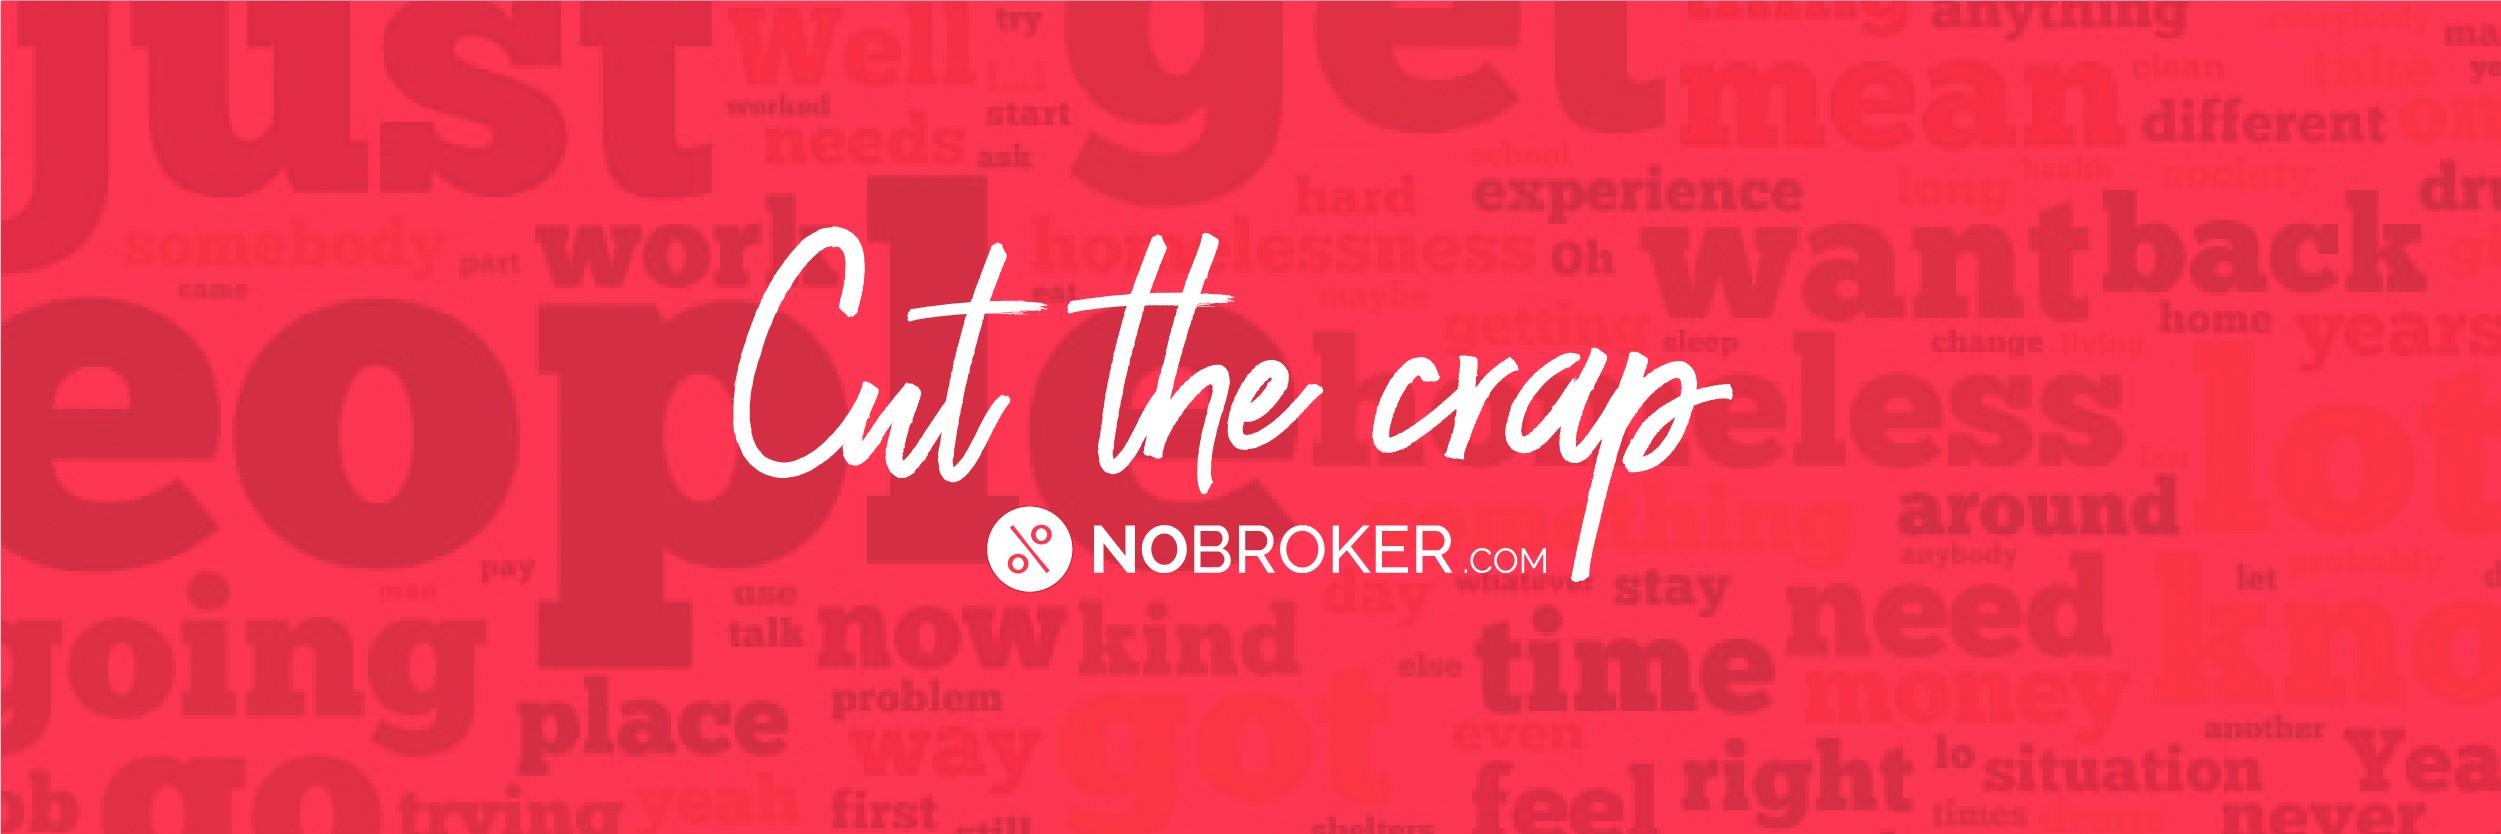 Cut the crap NoBroker Blog